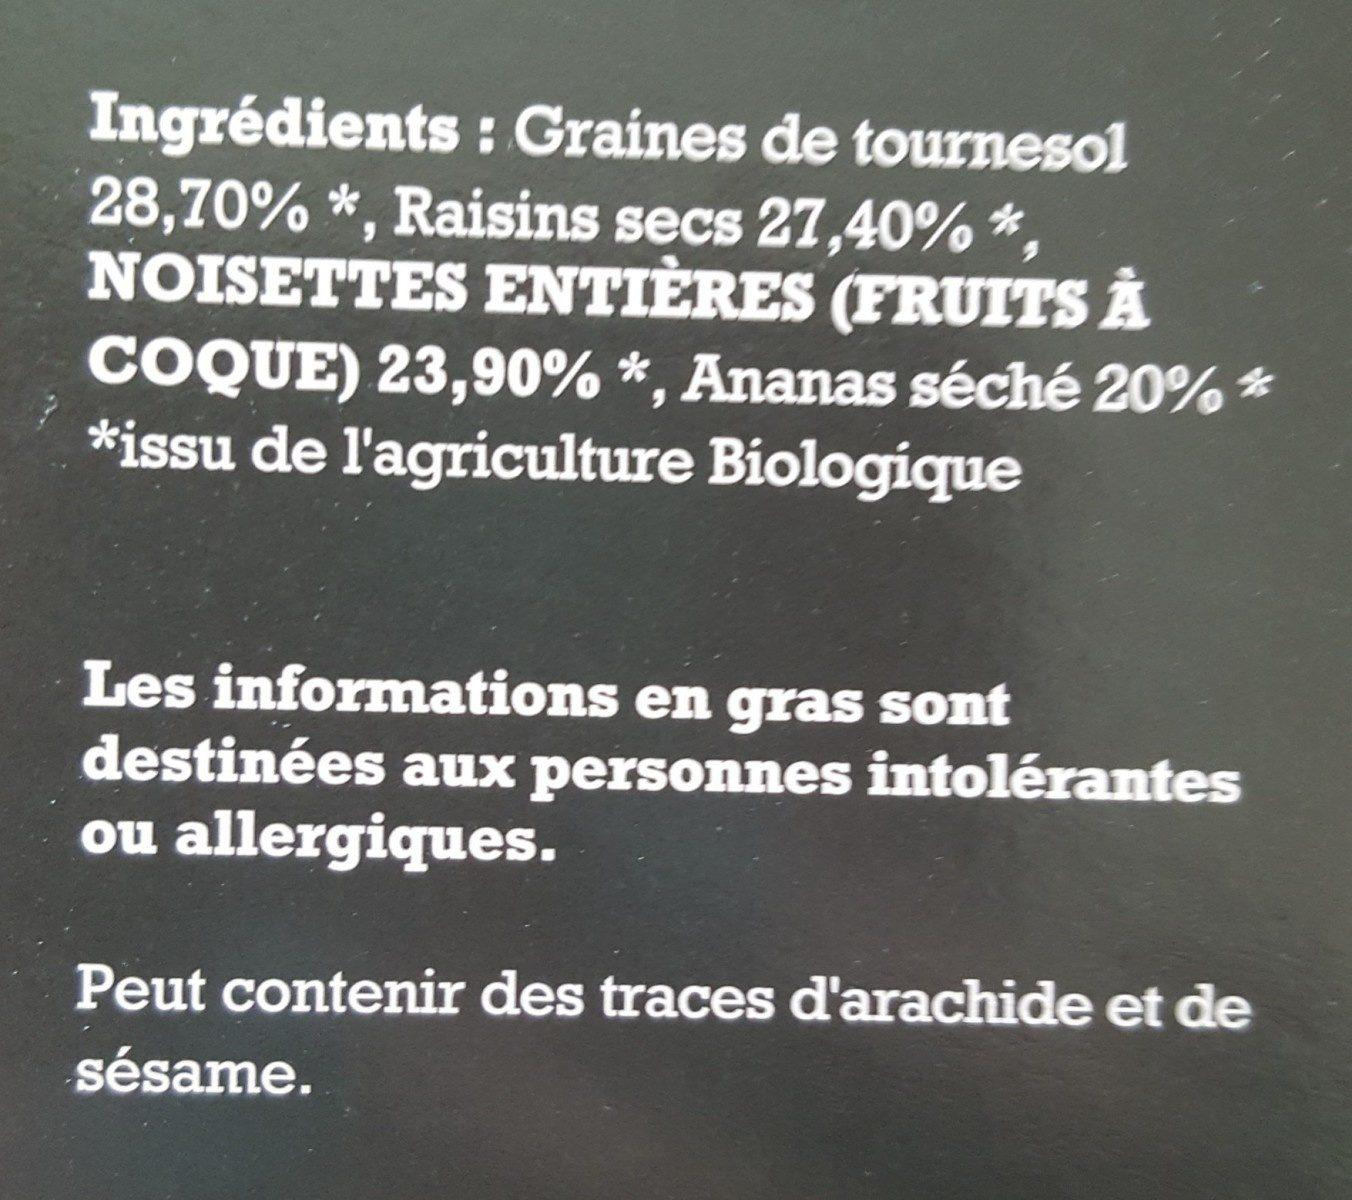 Glow Mix Bio Sans Gluten : Graines de tournesol, Raisins, Noisettes et Ananas - Ingrédients - fr